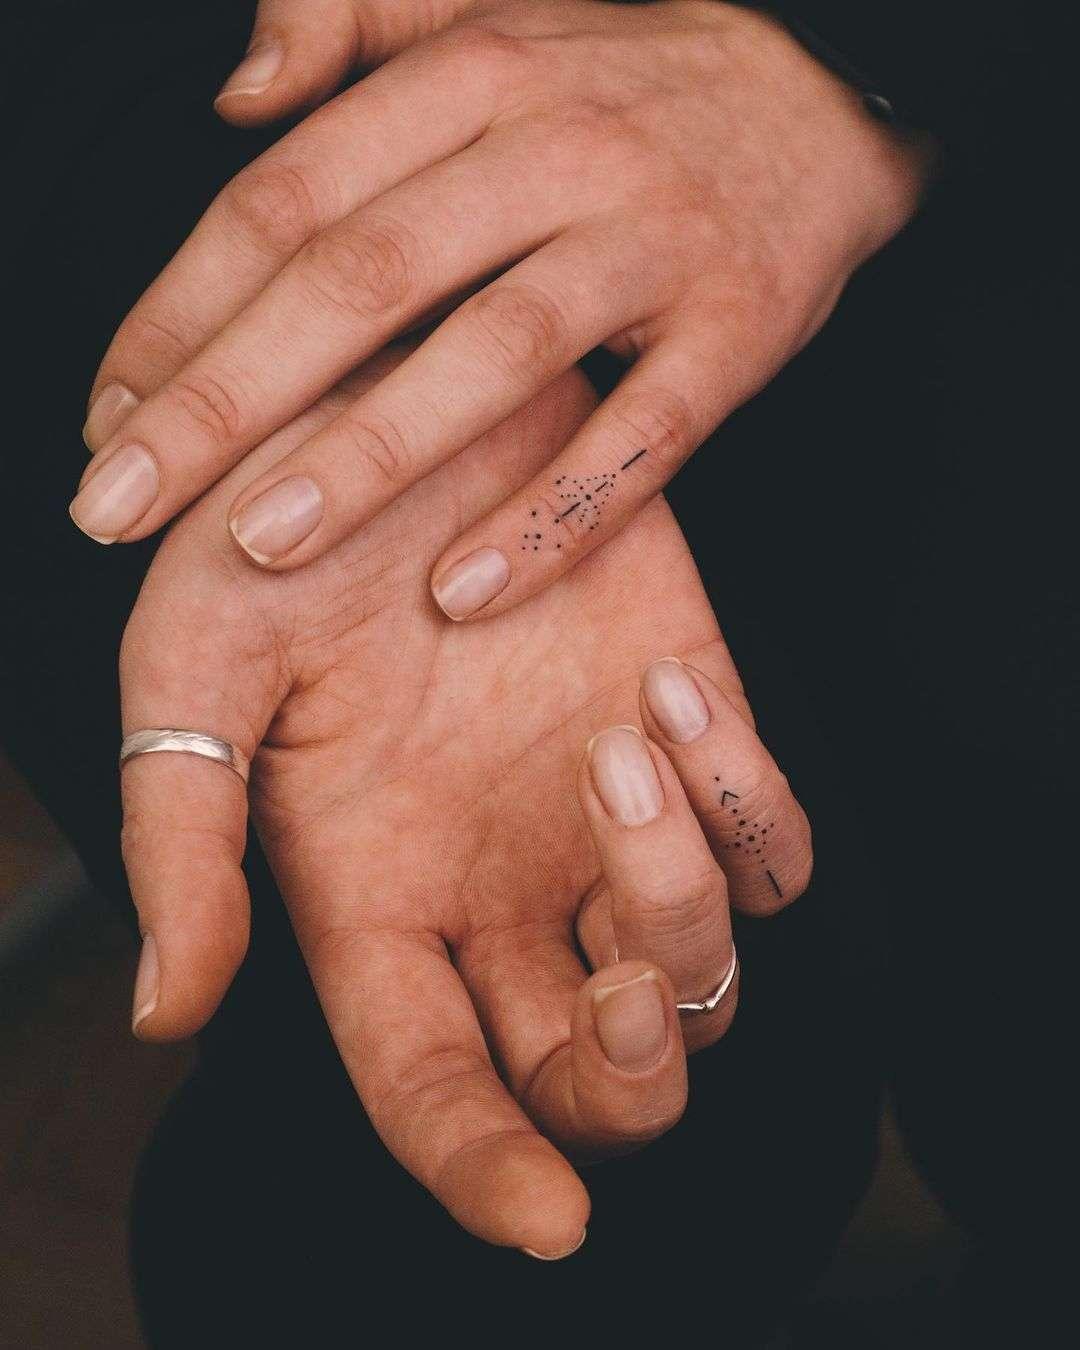 Subtle finger tattoos by @vlada.2wnt2